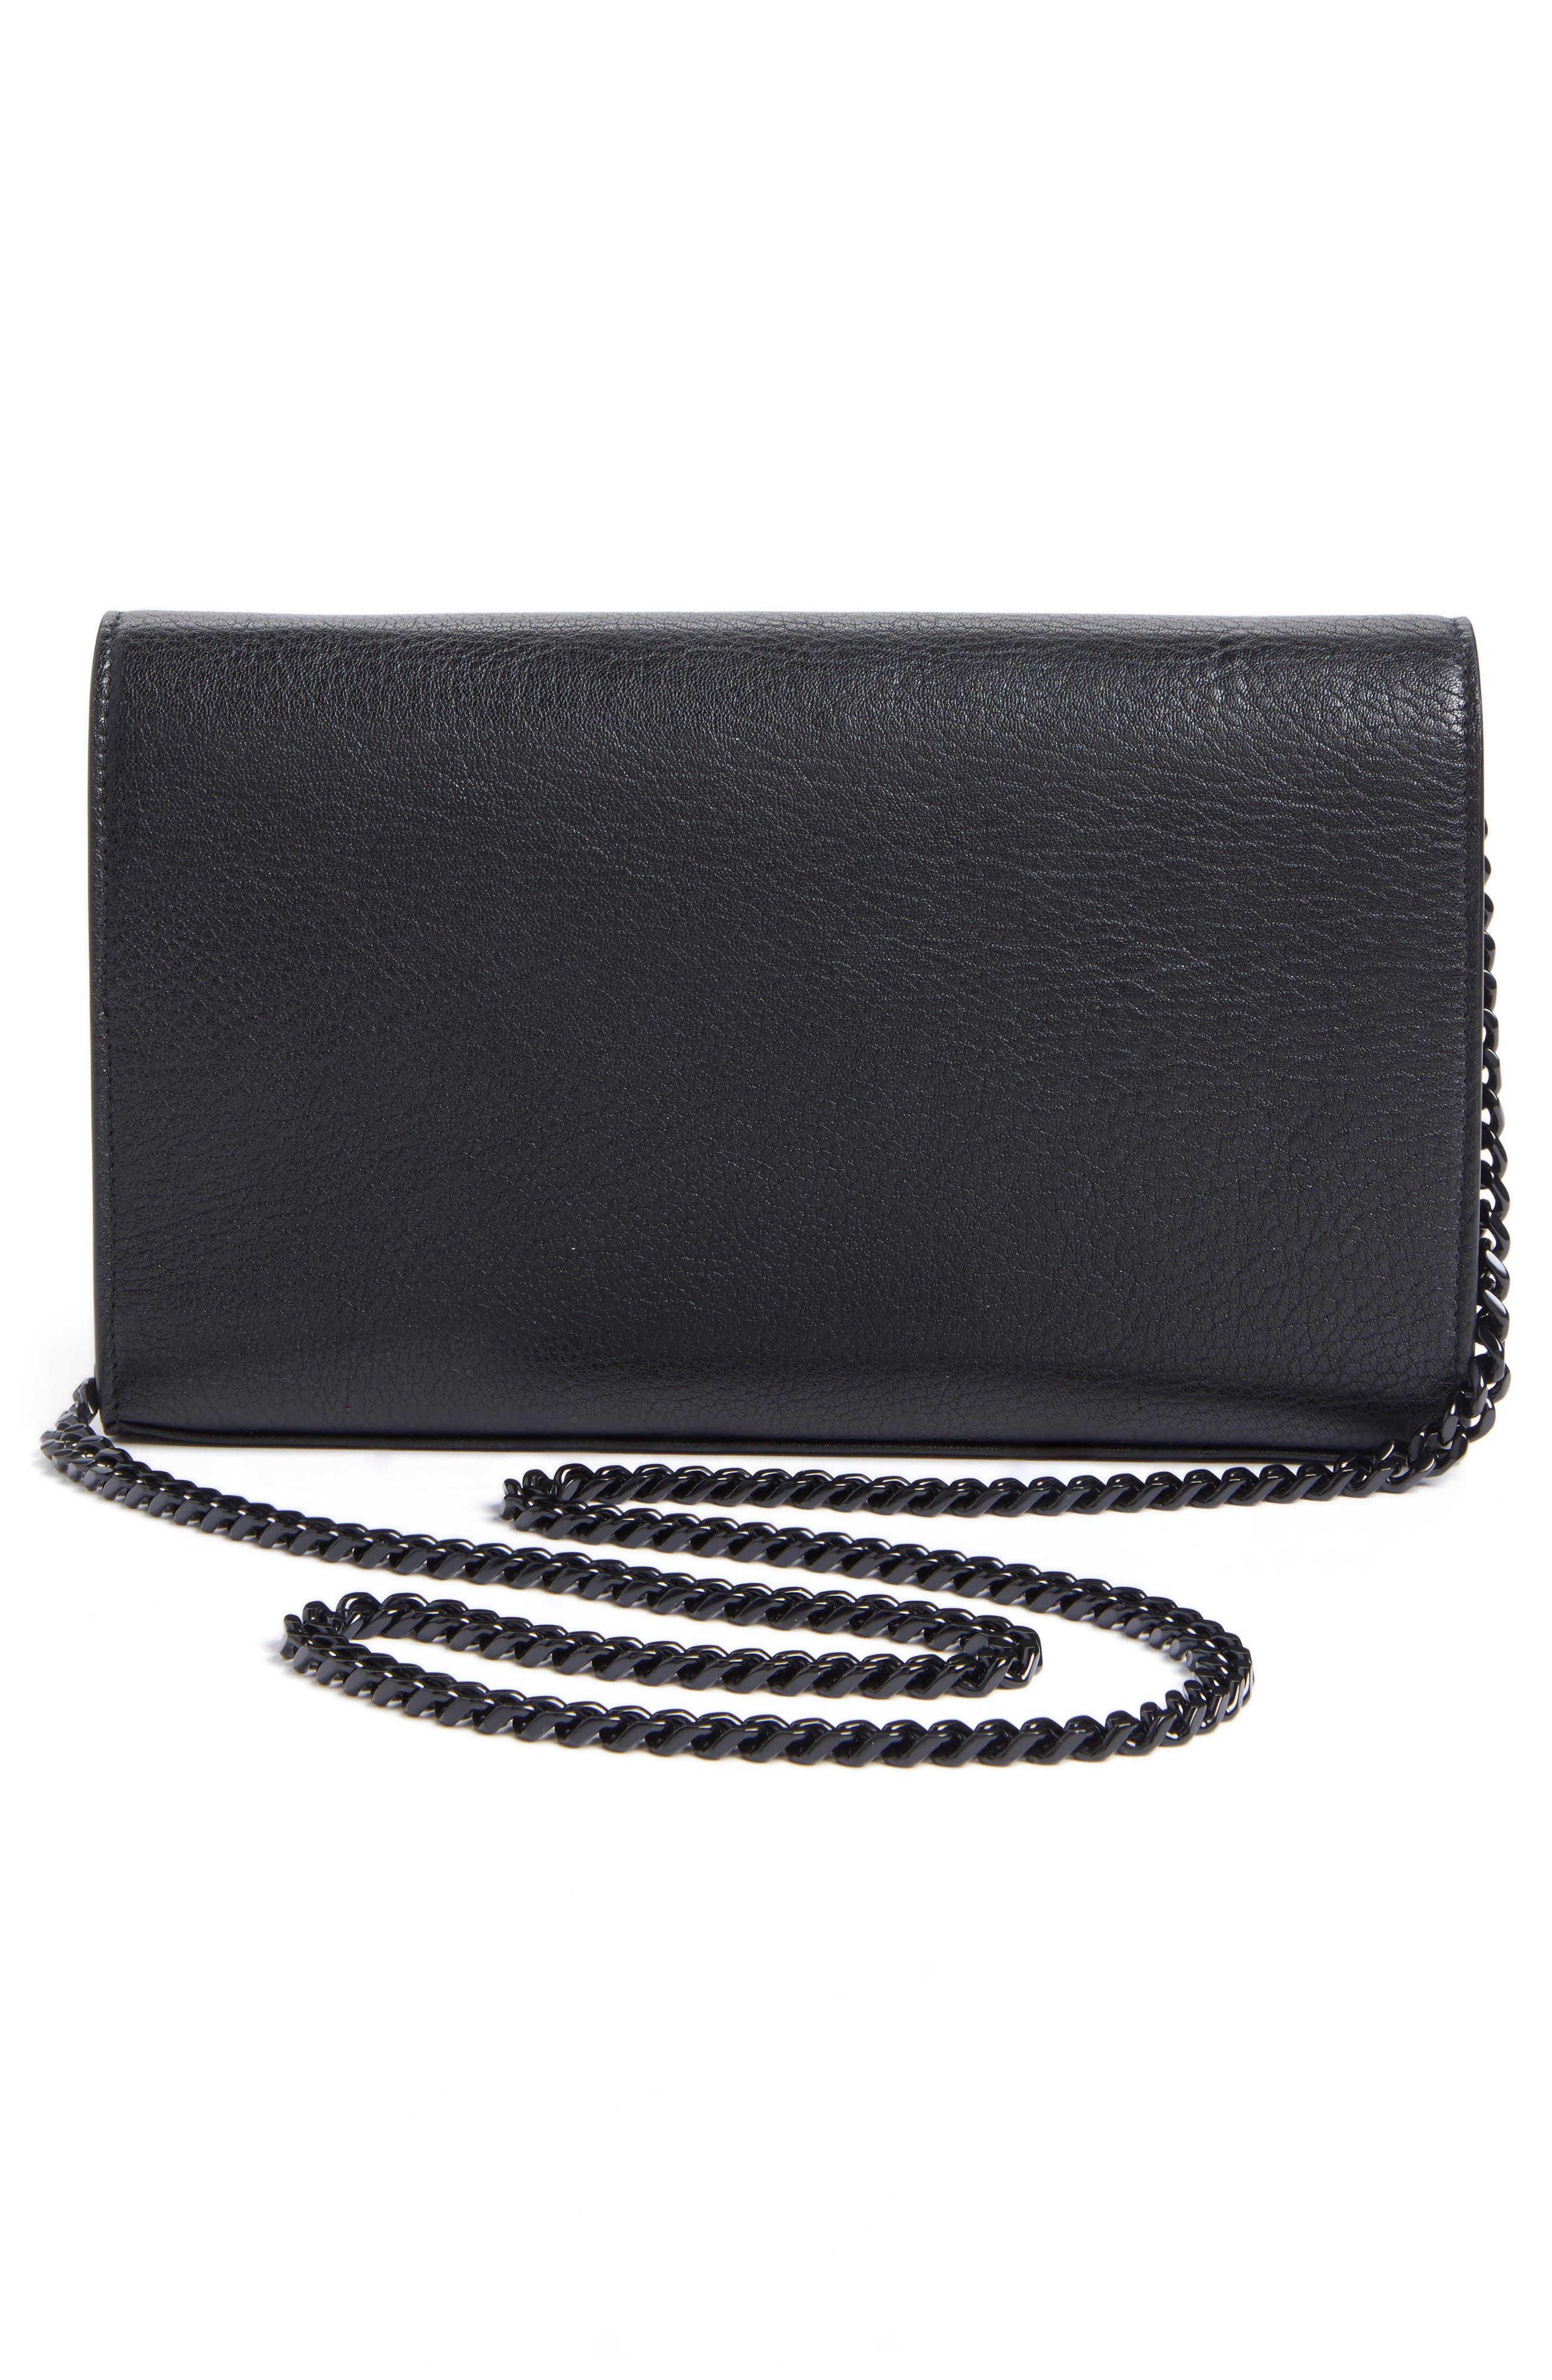 Alternate Image 3  - Saint Laurent Monogramme Patchwork Lips Leather Shoulder Bag